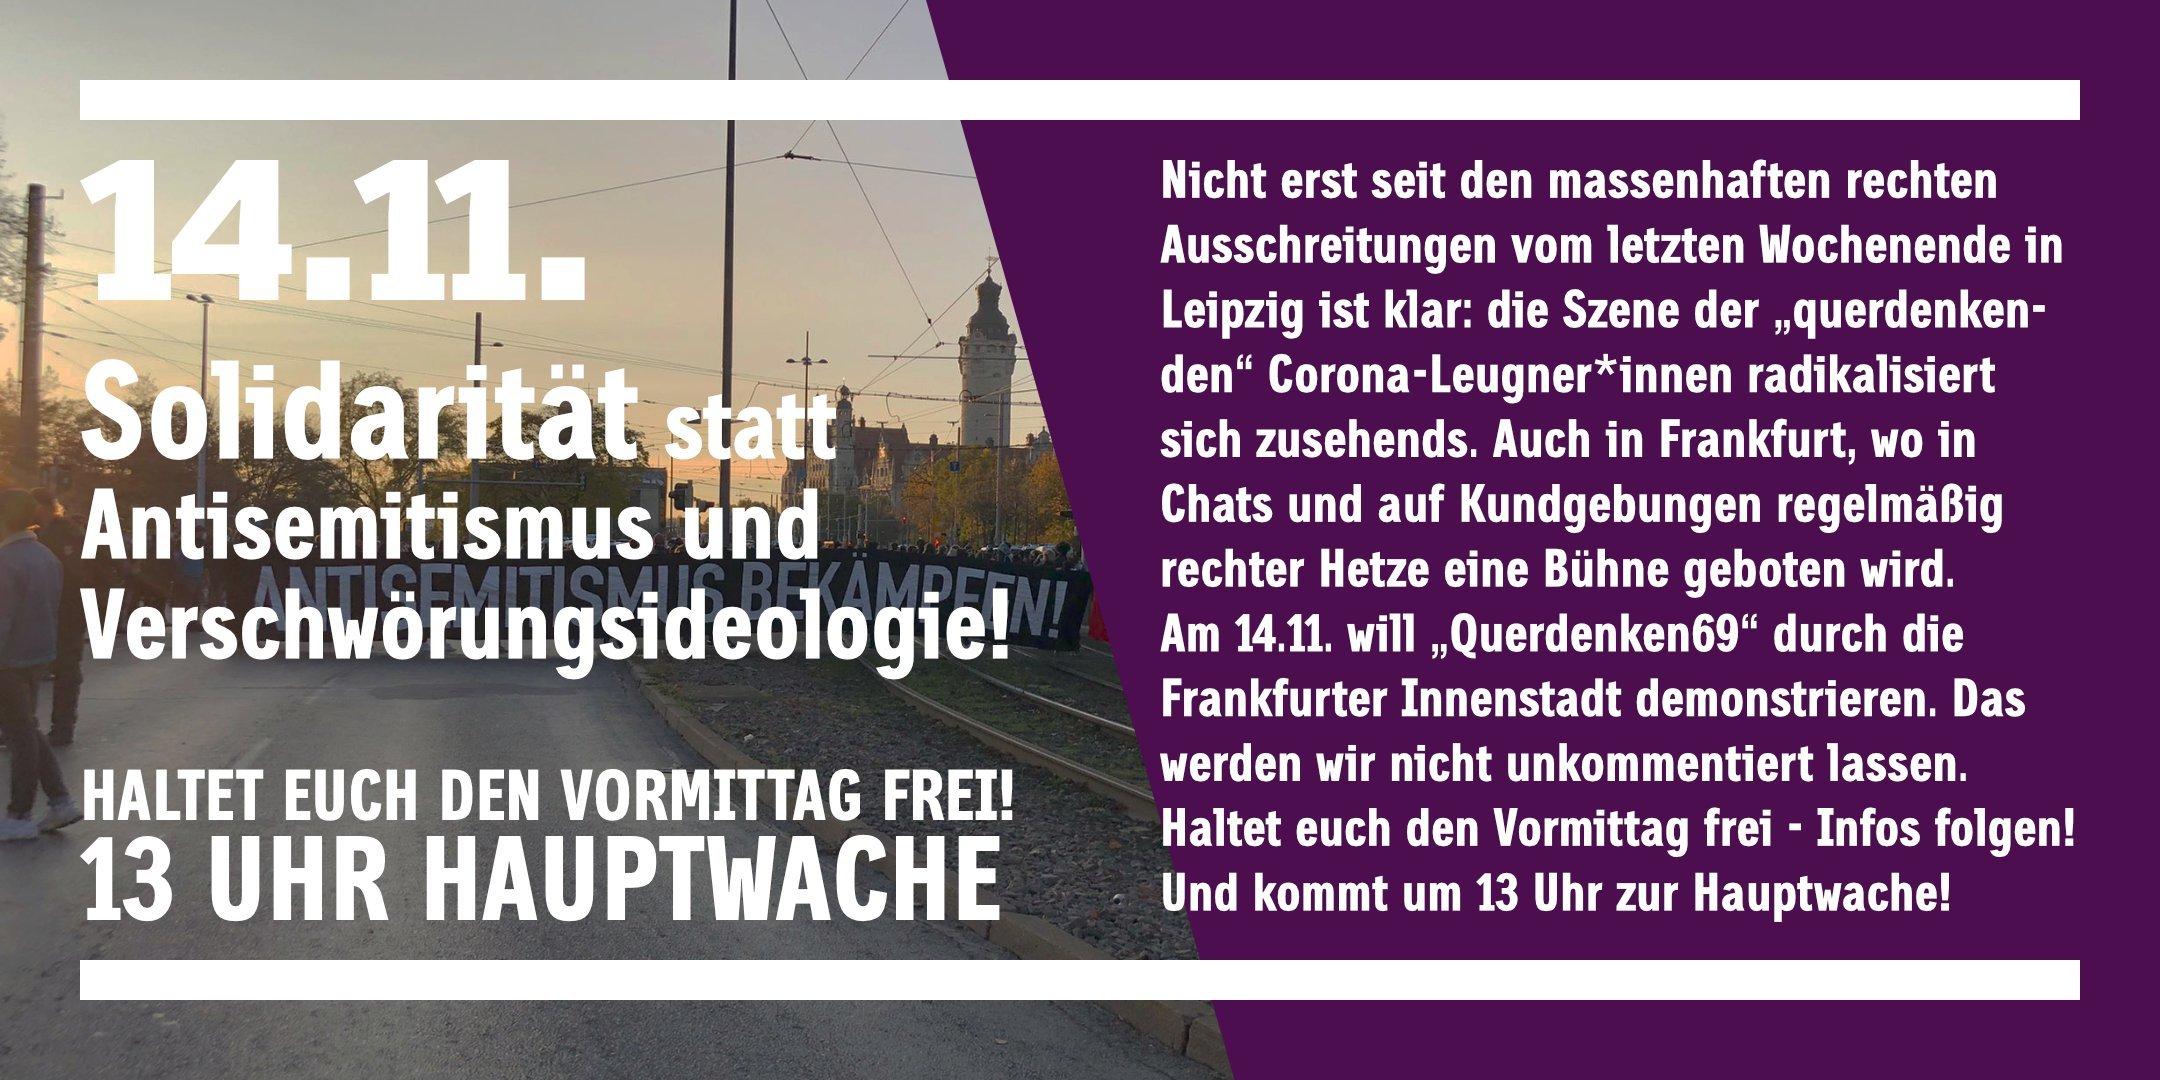 Solidarität statt Antisemitismus und Verschwörungsideologie!